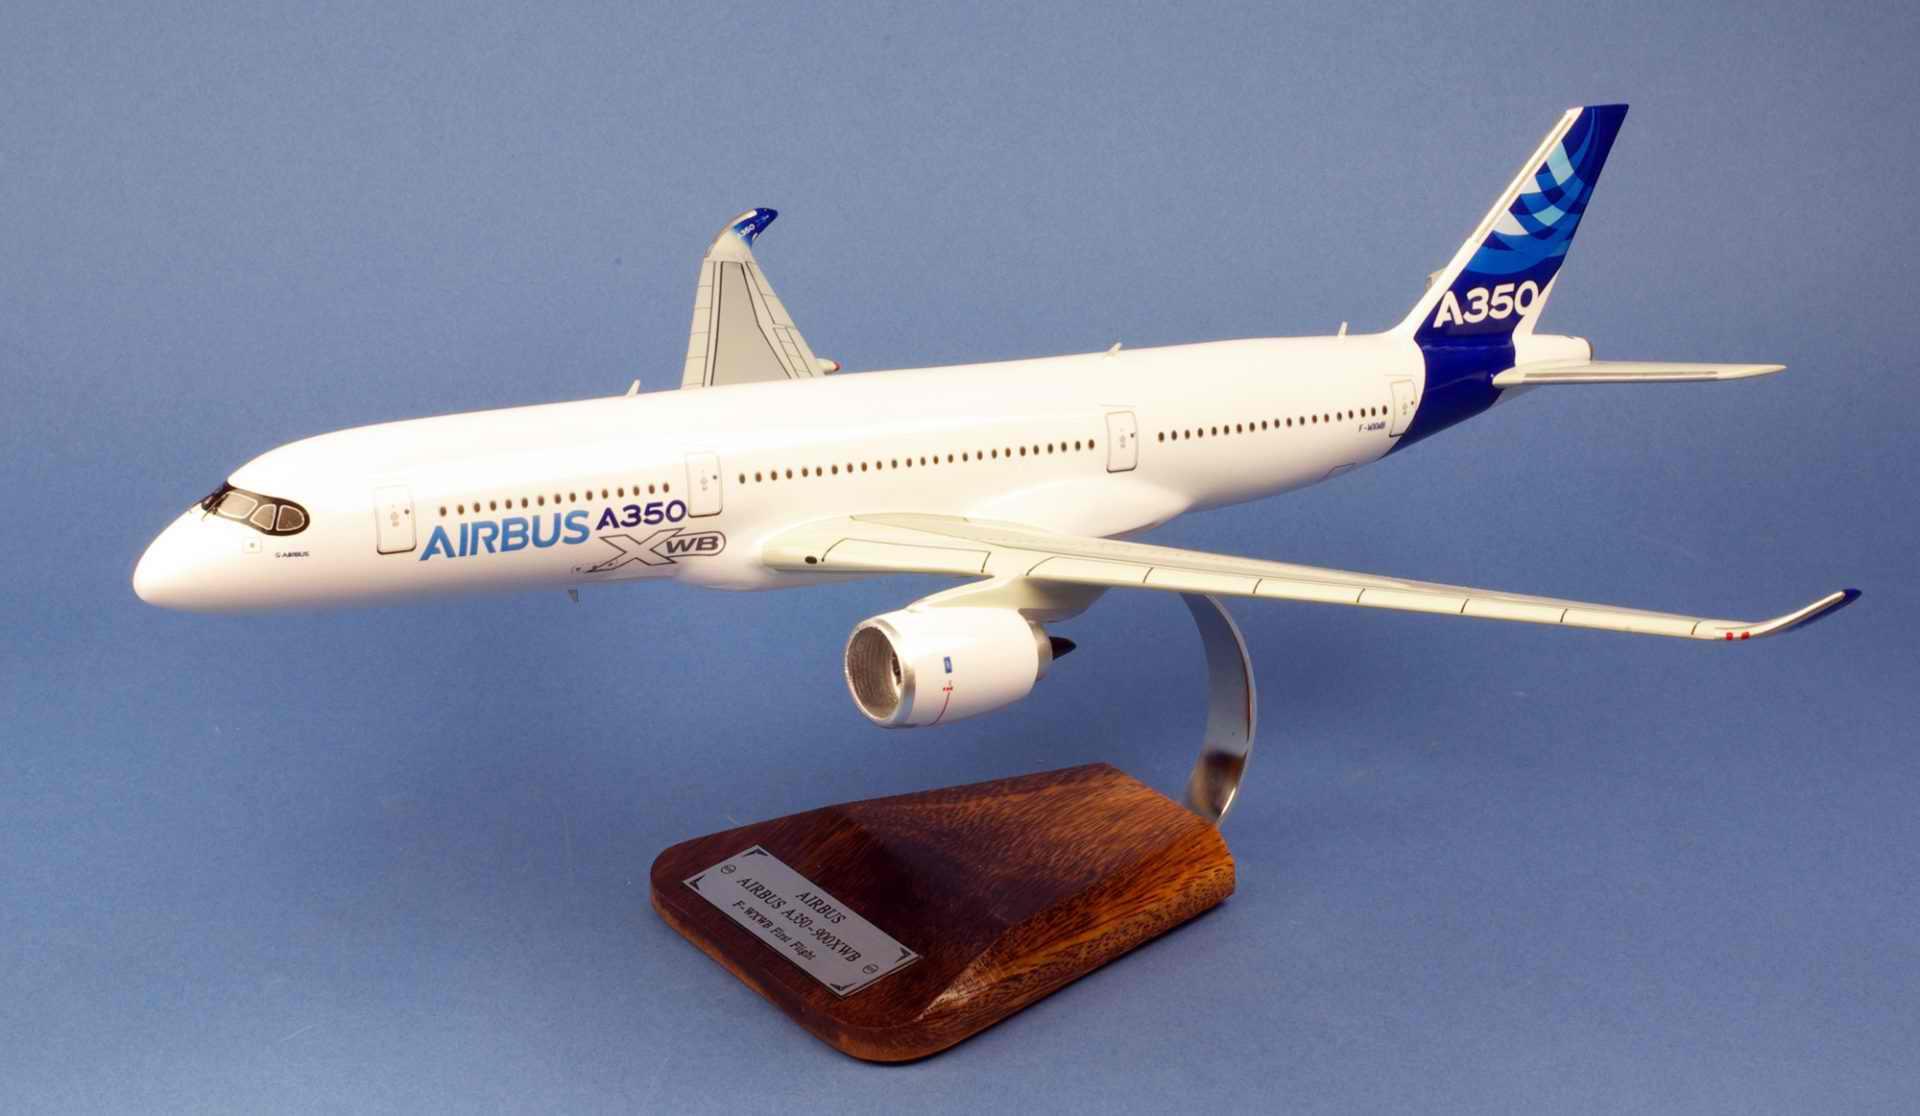 maquette Airbus A350 900XWB AIRBUS INDUSTRIES